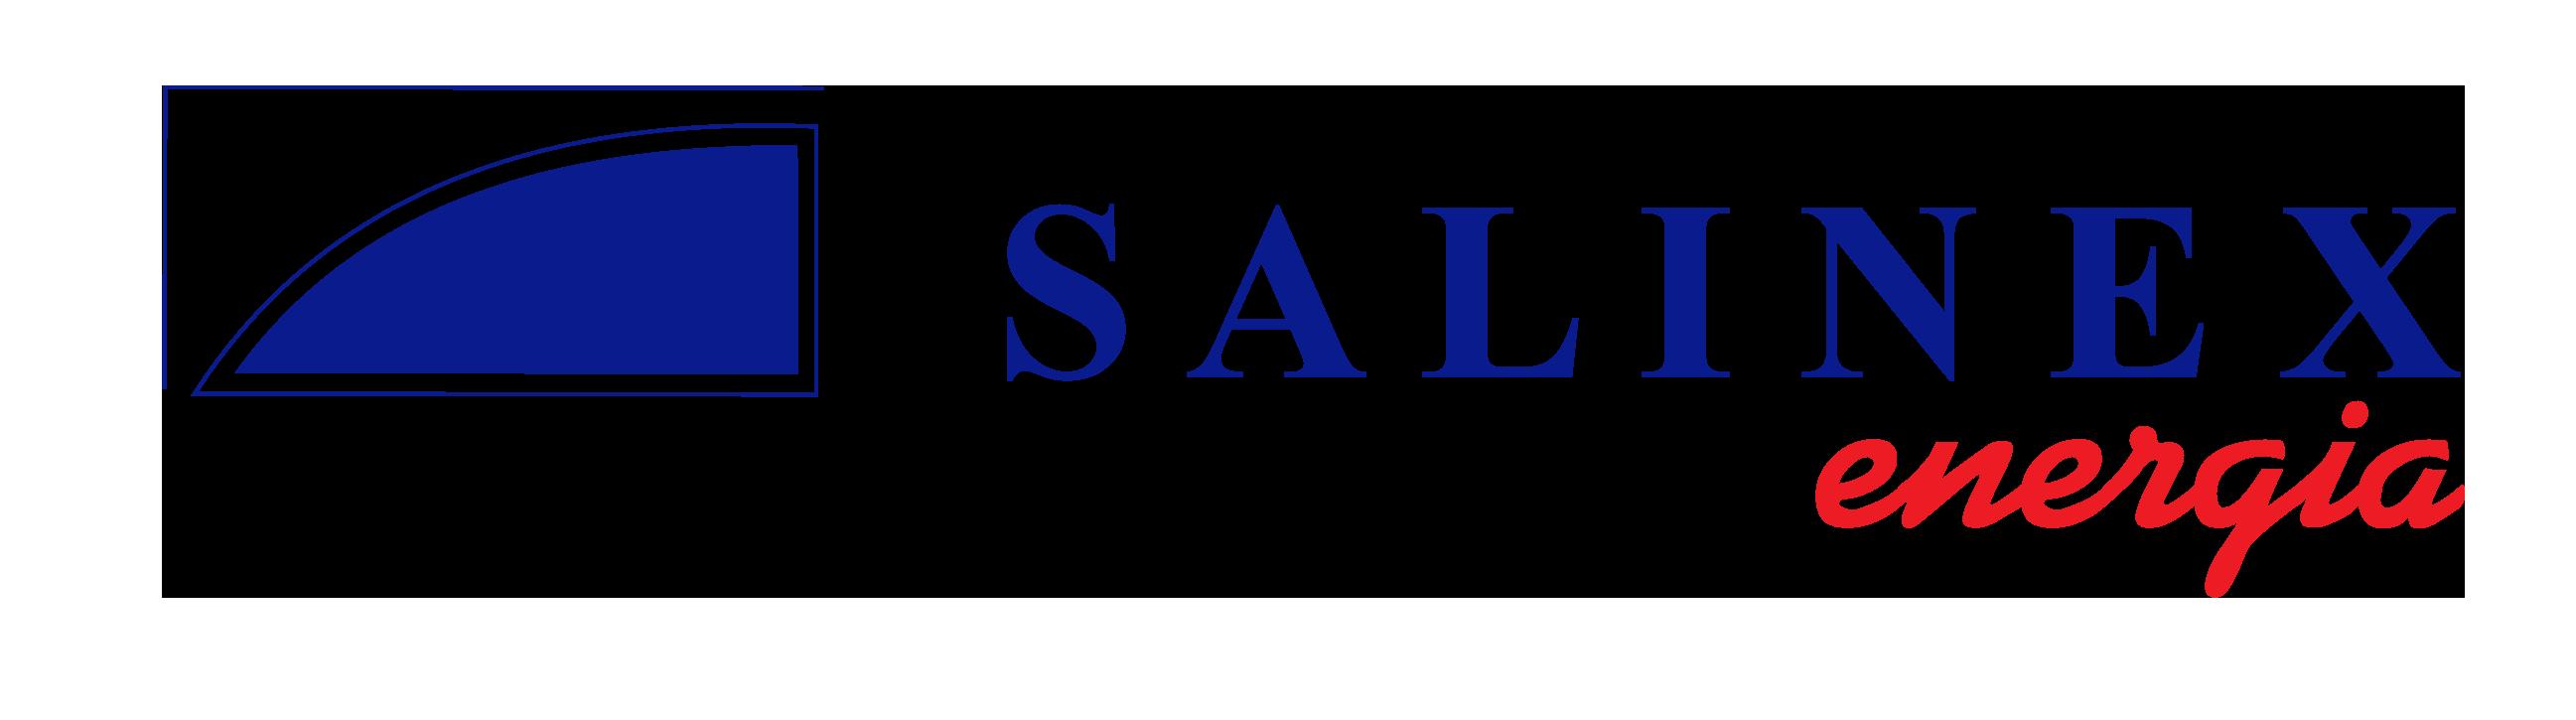 Salinex Sp. z o.o.